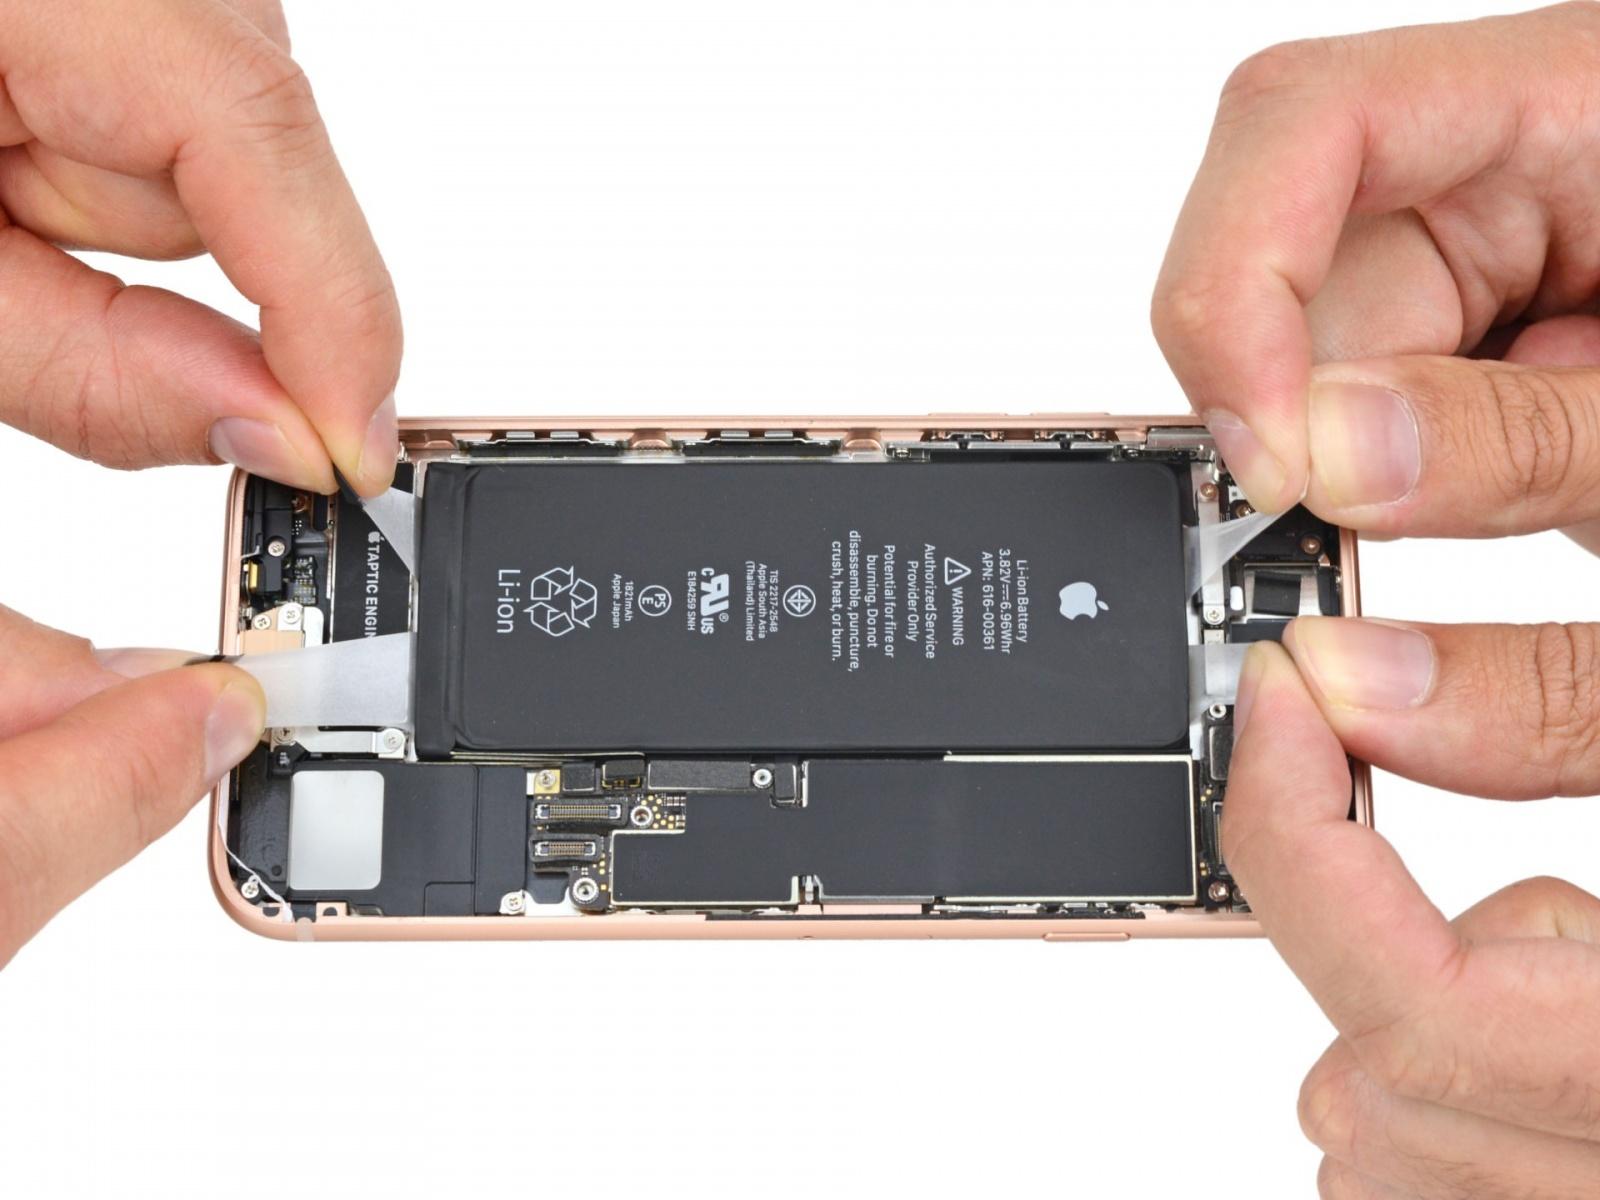 Apple говорит, что iPhone слишком «сложен», чтобы разрешить самостоятельный ремонт - 1